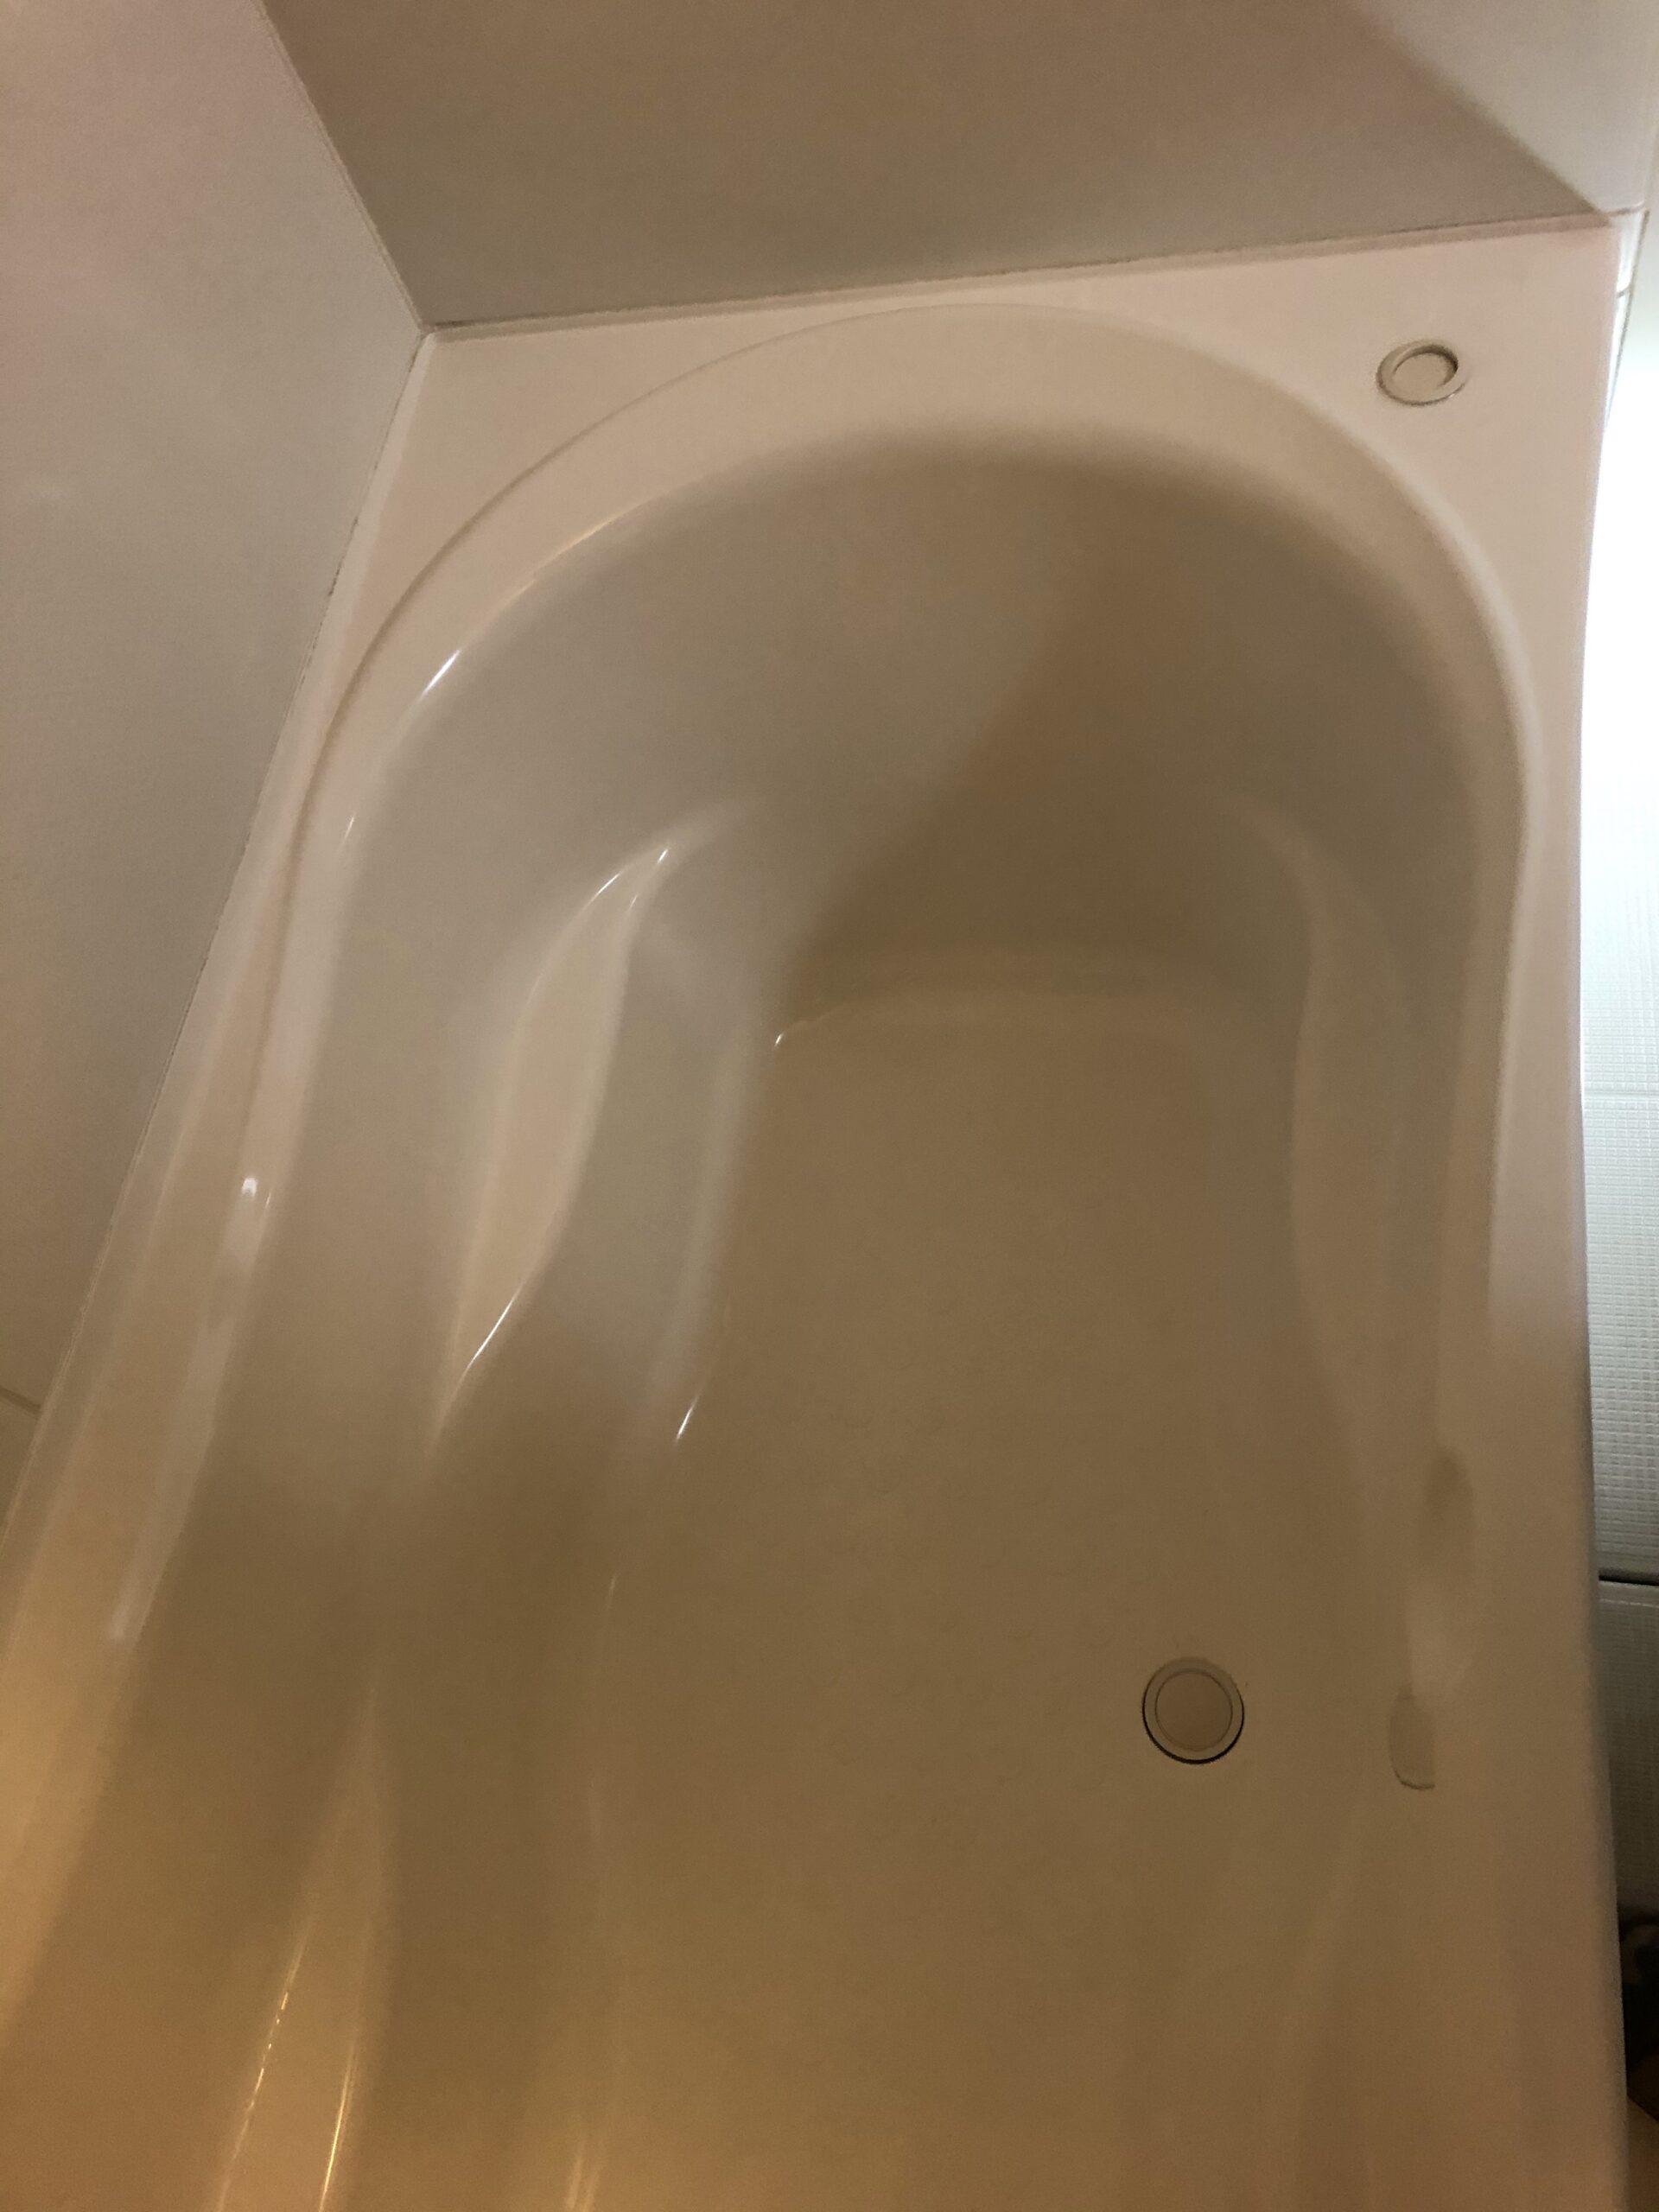 ミカドユニットバス プッシュ栓修理 京都市下京区